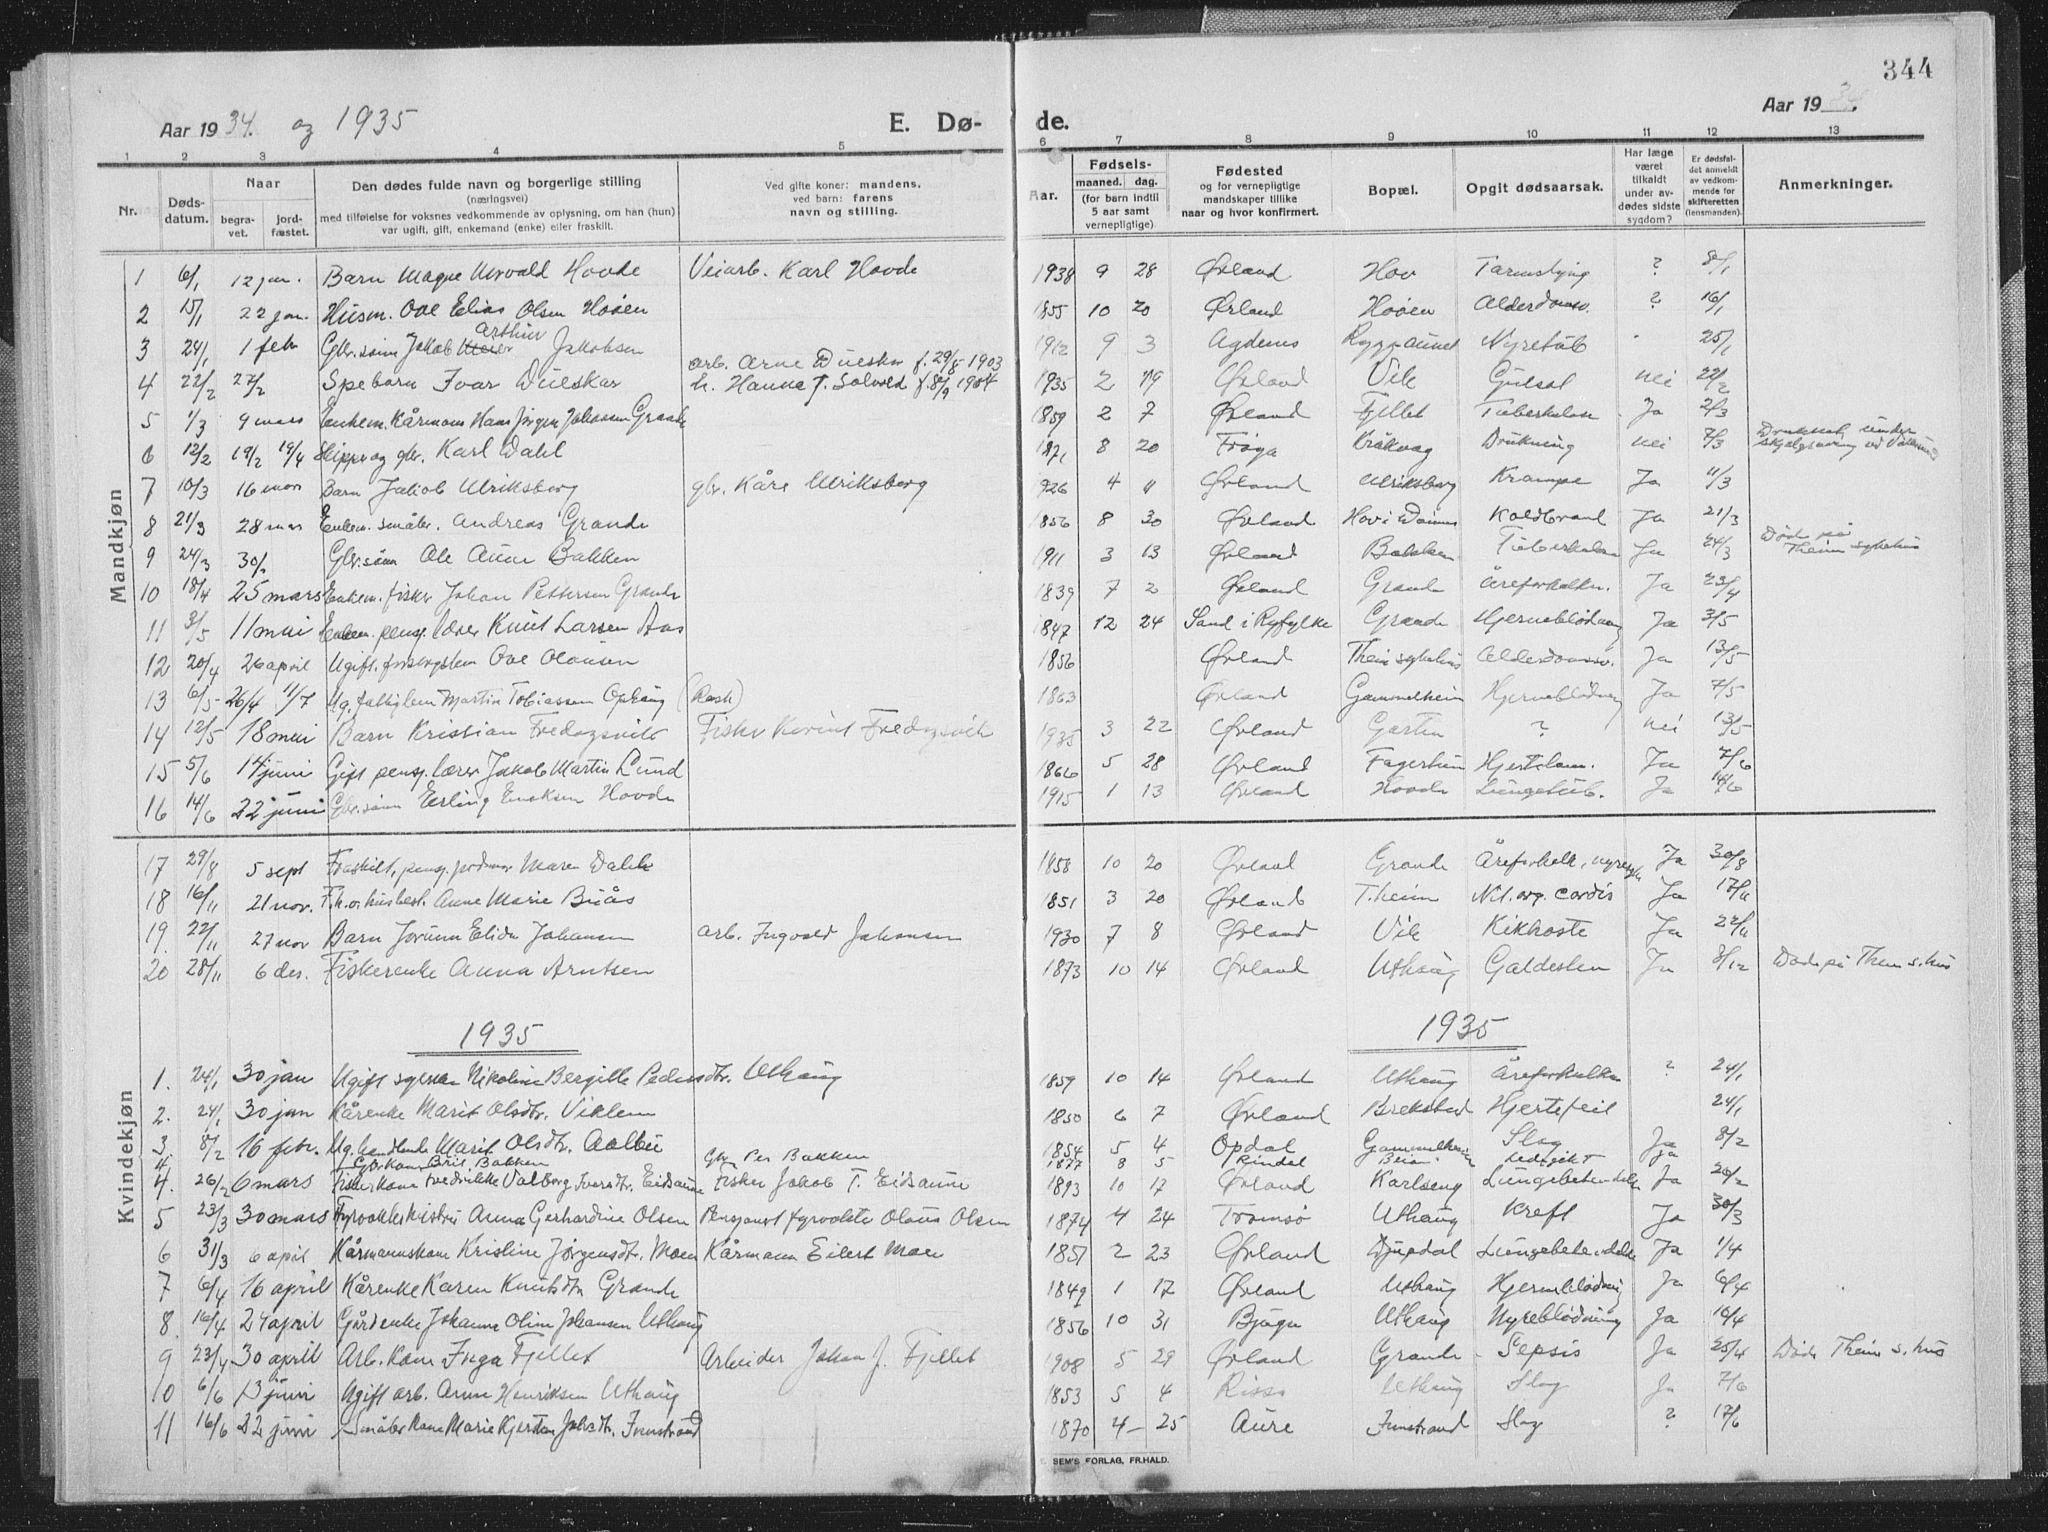 SAT, Ministerialprotokoller, klokkerbøker og fødselsregistre - Sør-Trøndelag, 659/L0747: Klokkerbok nr. 659C04, 1913-1938, s. 344